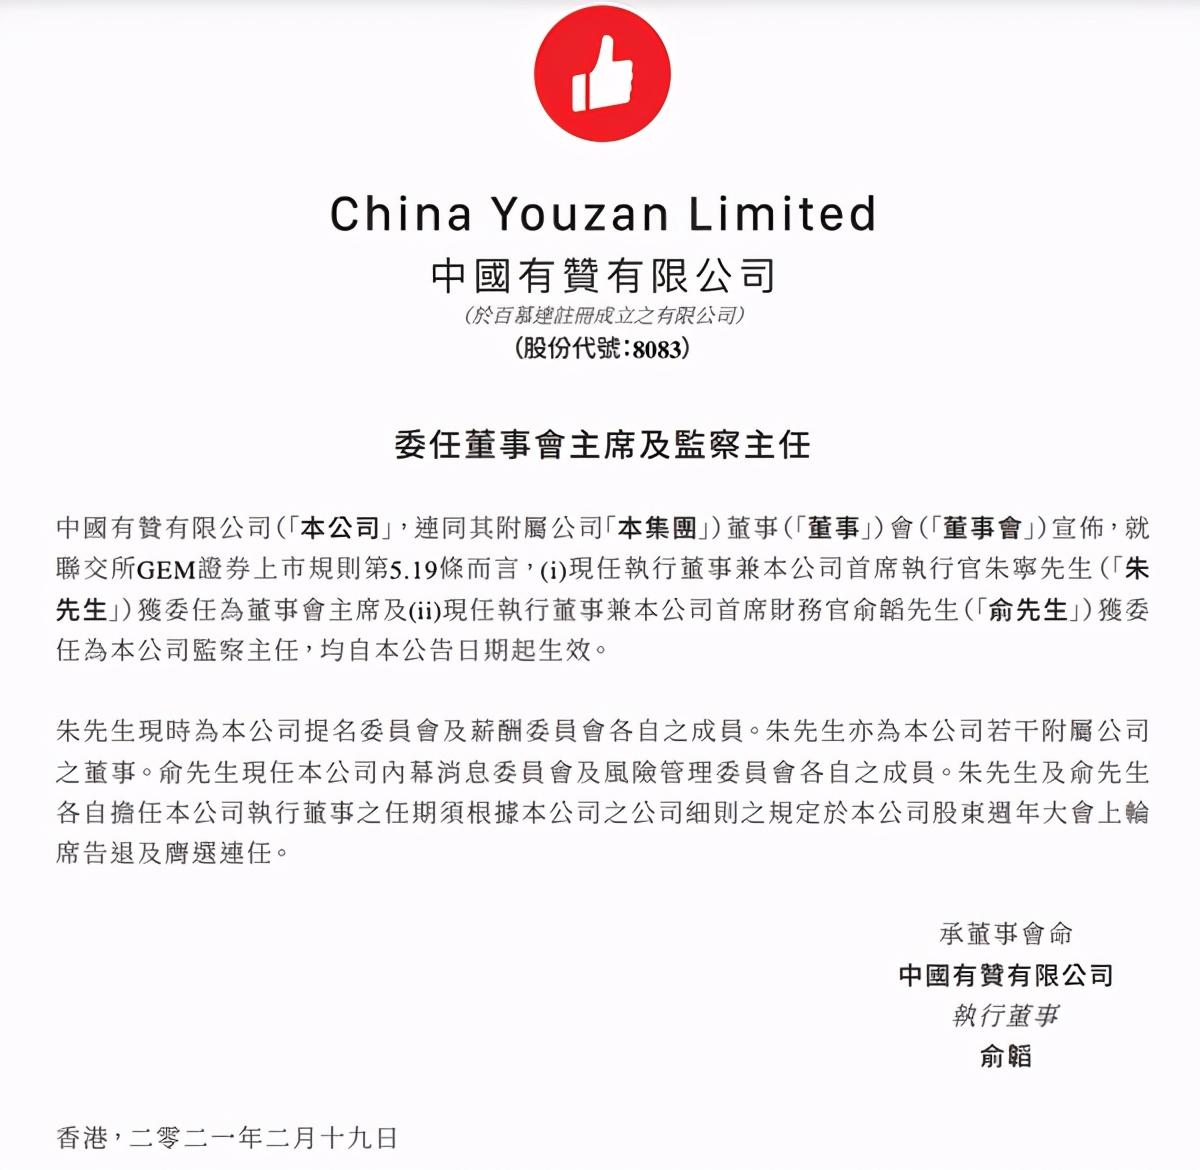 备受赞誉的中国首席执行官朱宁以11.04%的持股比例被任命为董事会主席